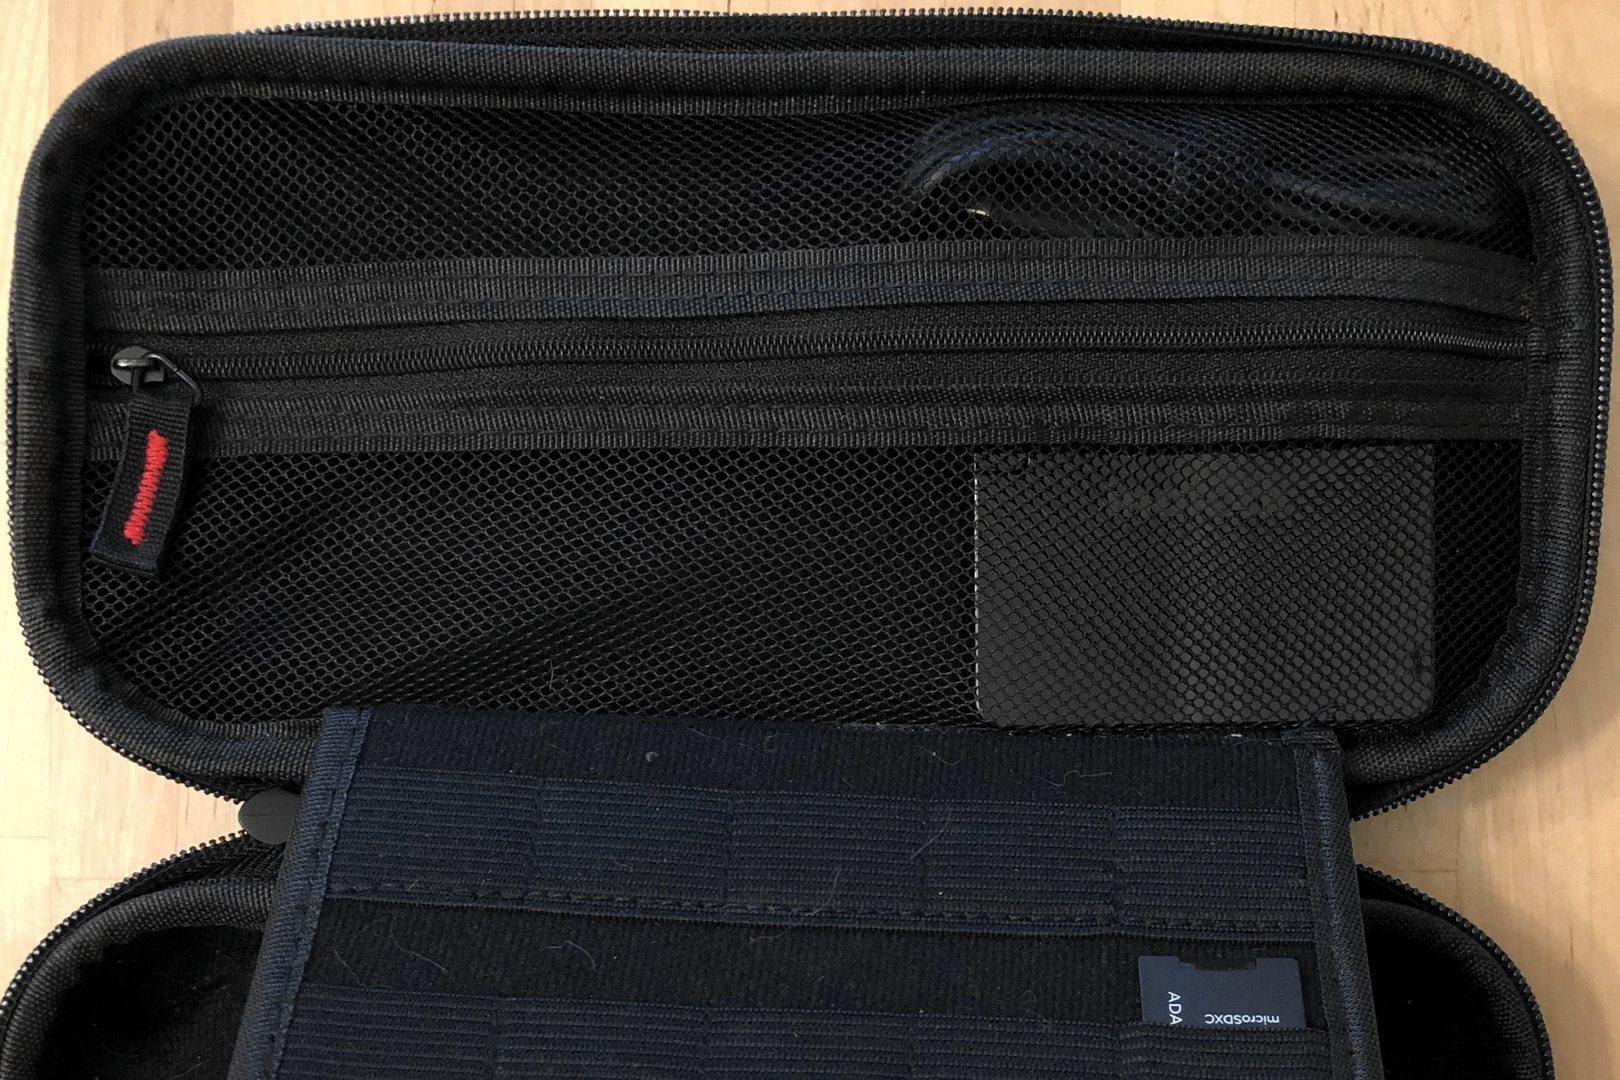 En el cargador 60W PD de Inateck con puertos USB-C duales En una funda de transporte Nintendo Switch.